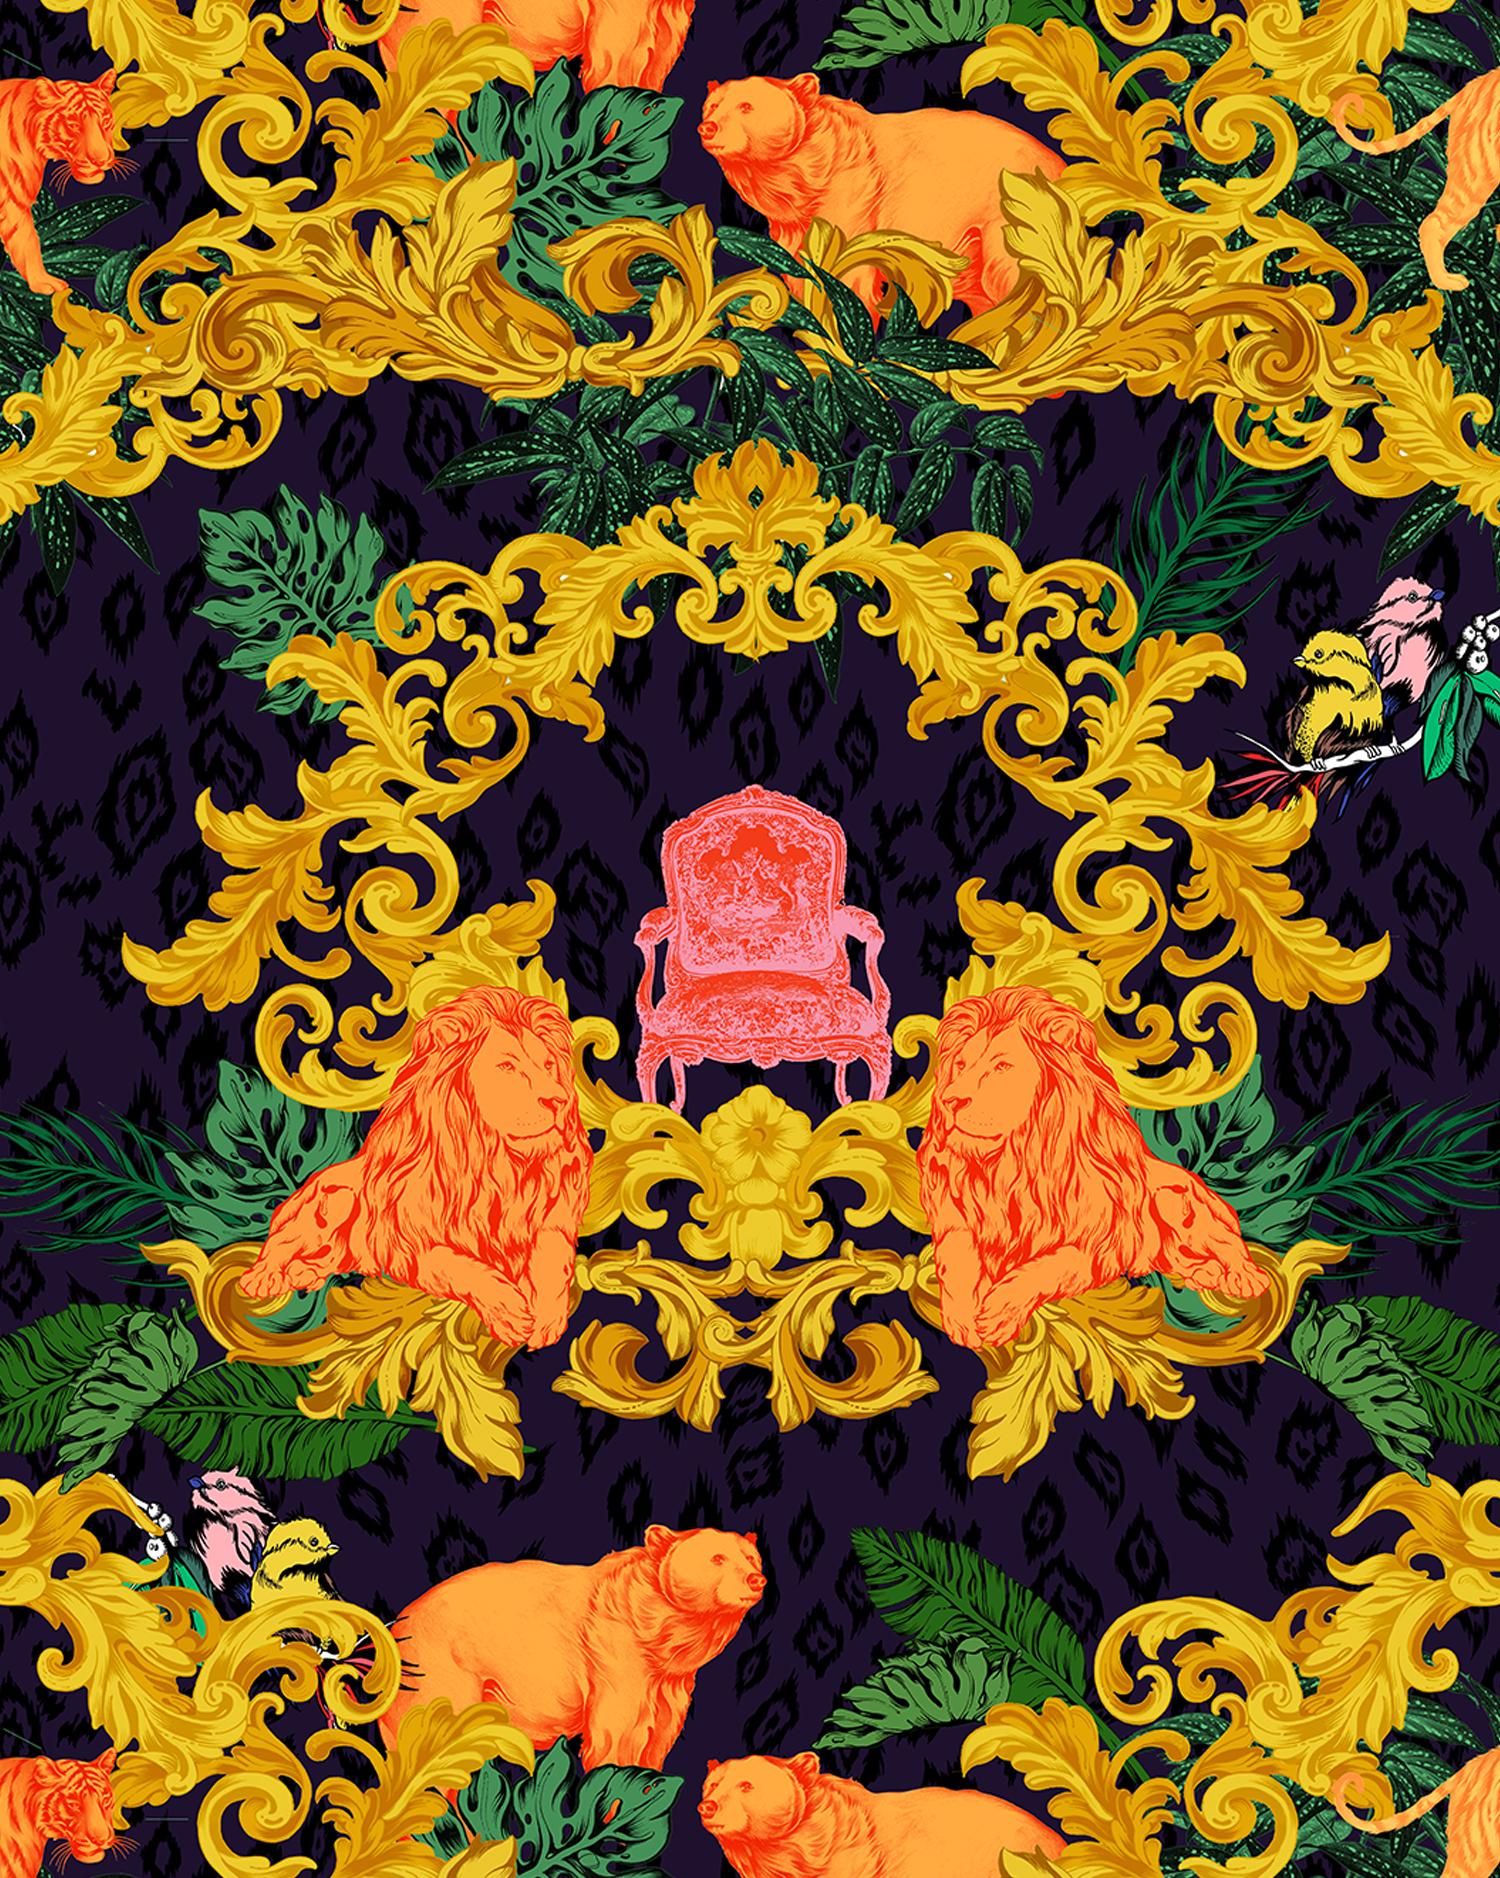 Pomme Chan_leopard_Pattern.jpg